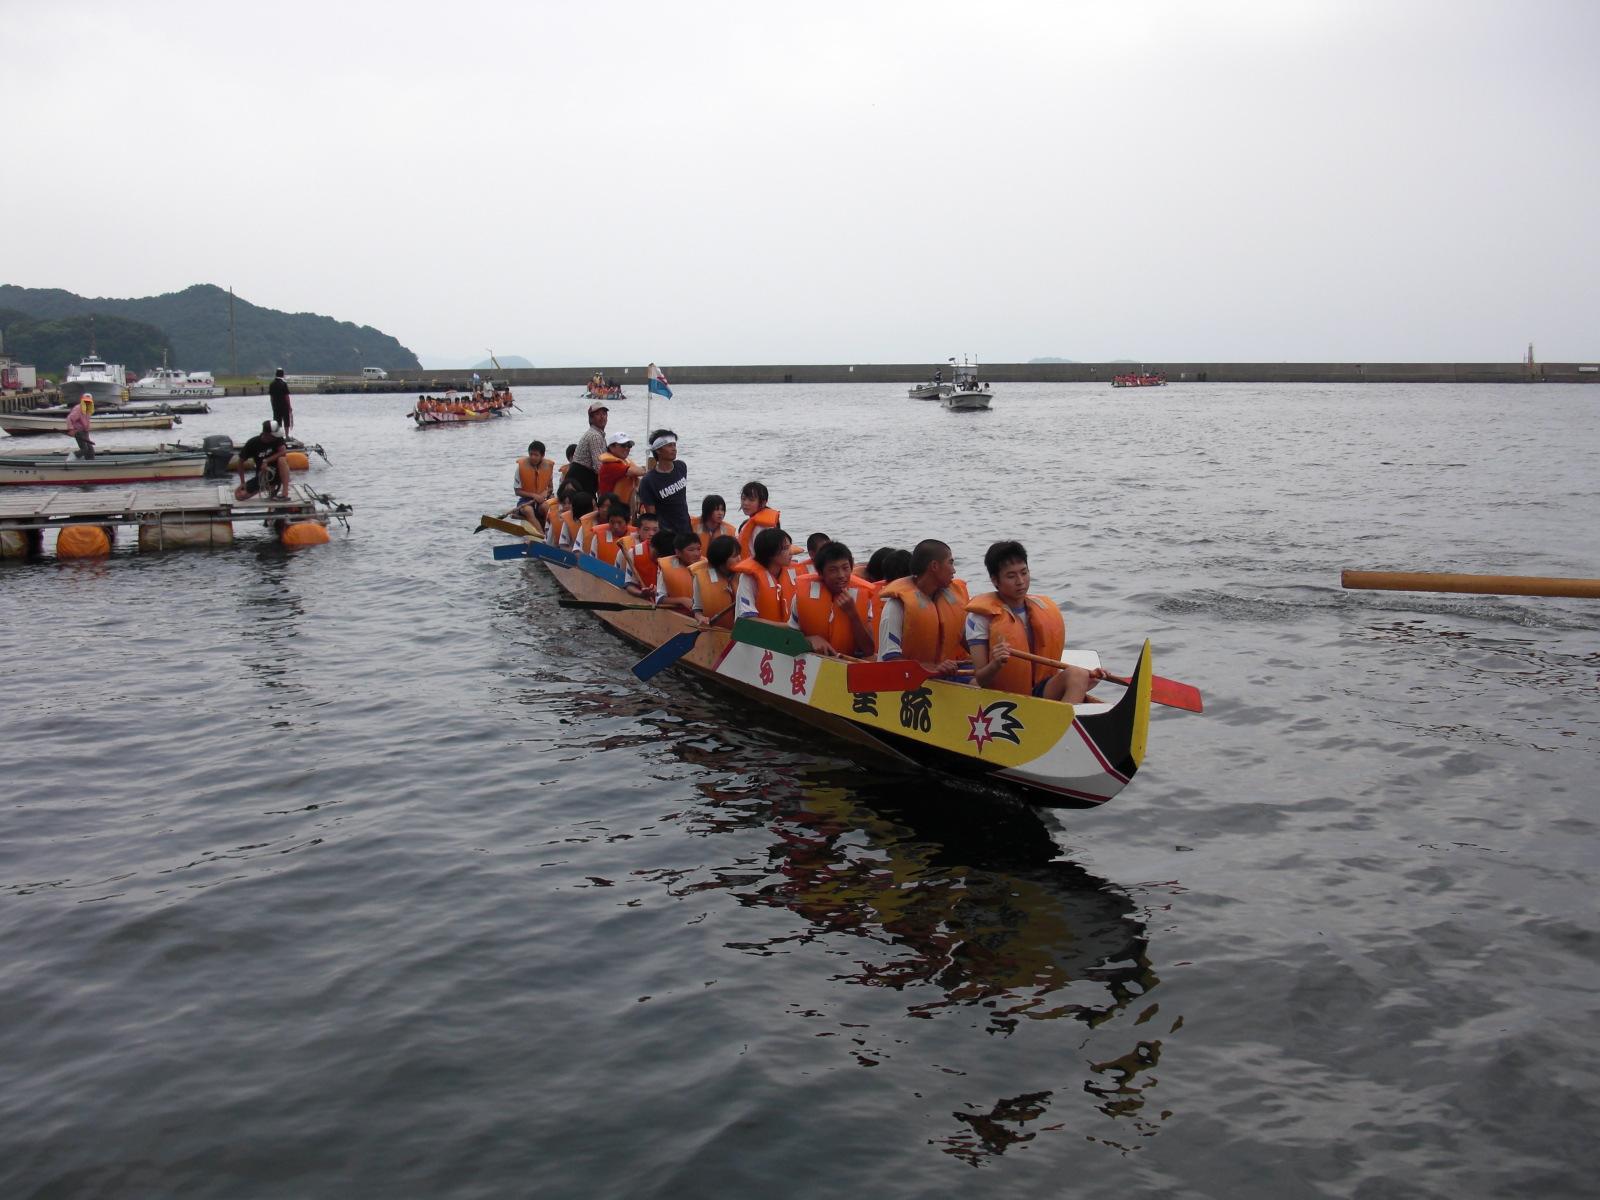 龍の眼 : 長与町中学校ペーロン大会 - livedoor Blog(ブログ)